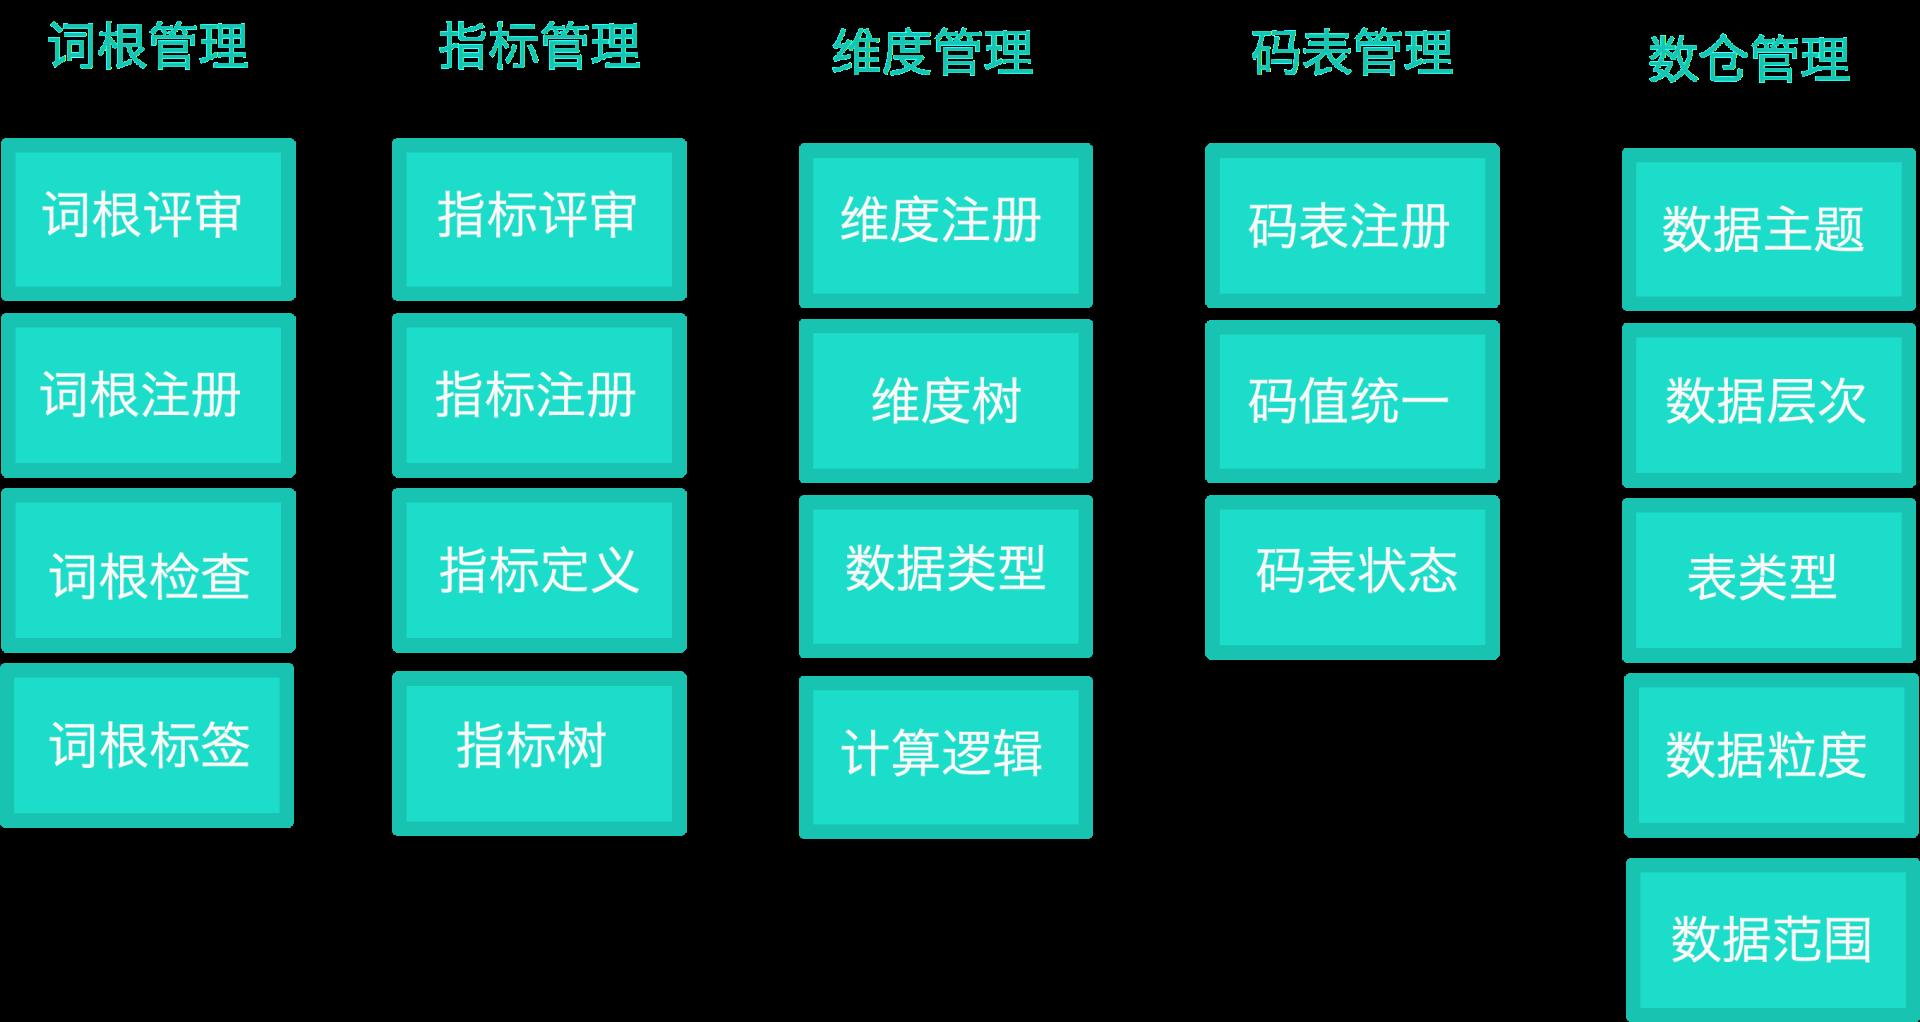 图13 起源功能体系